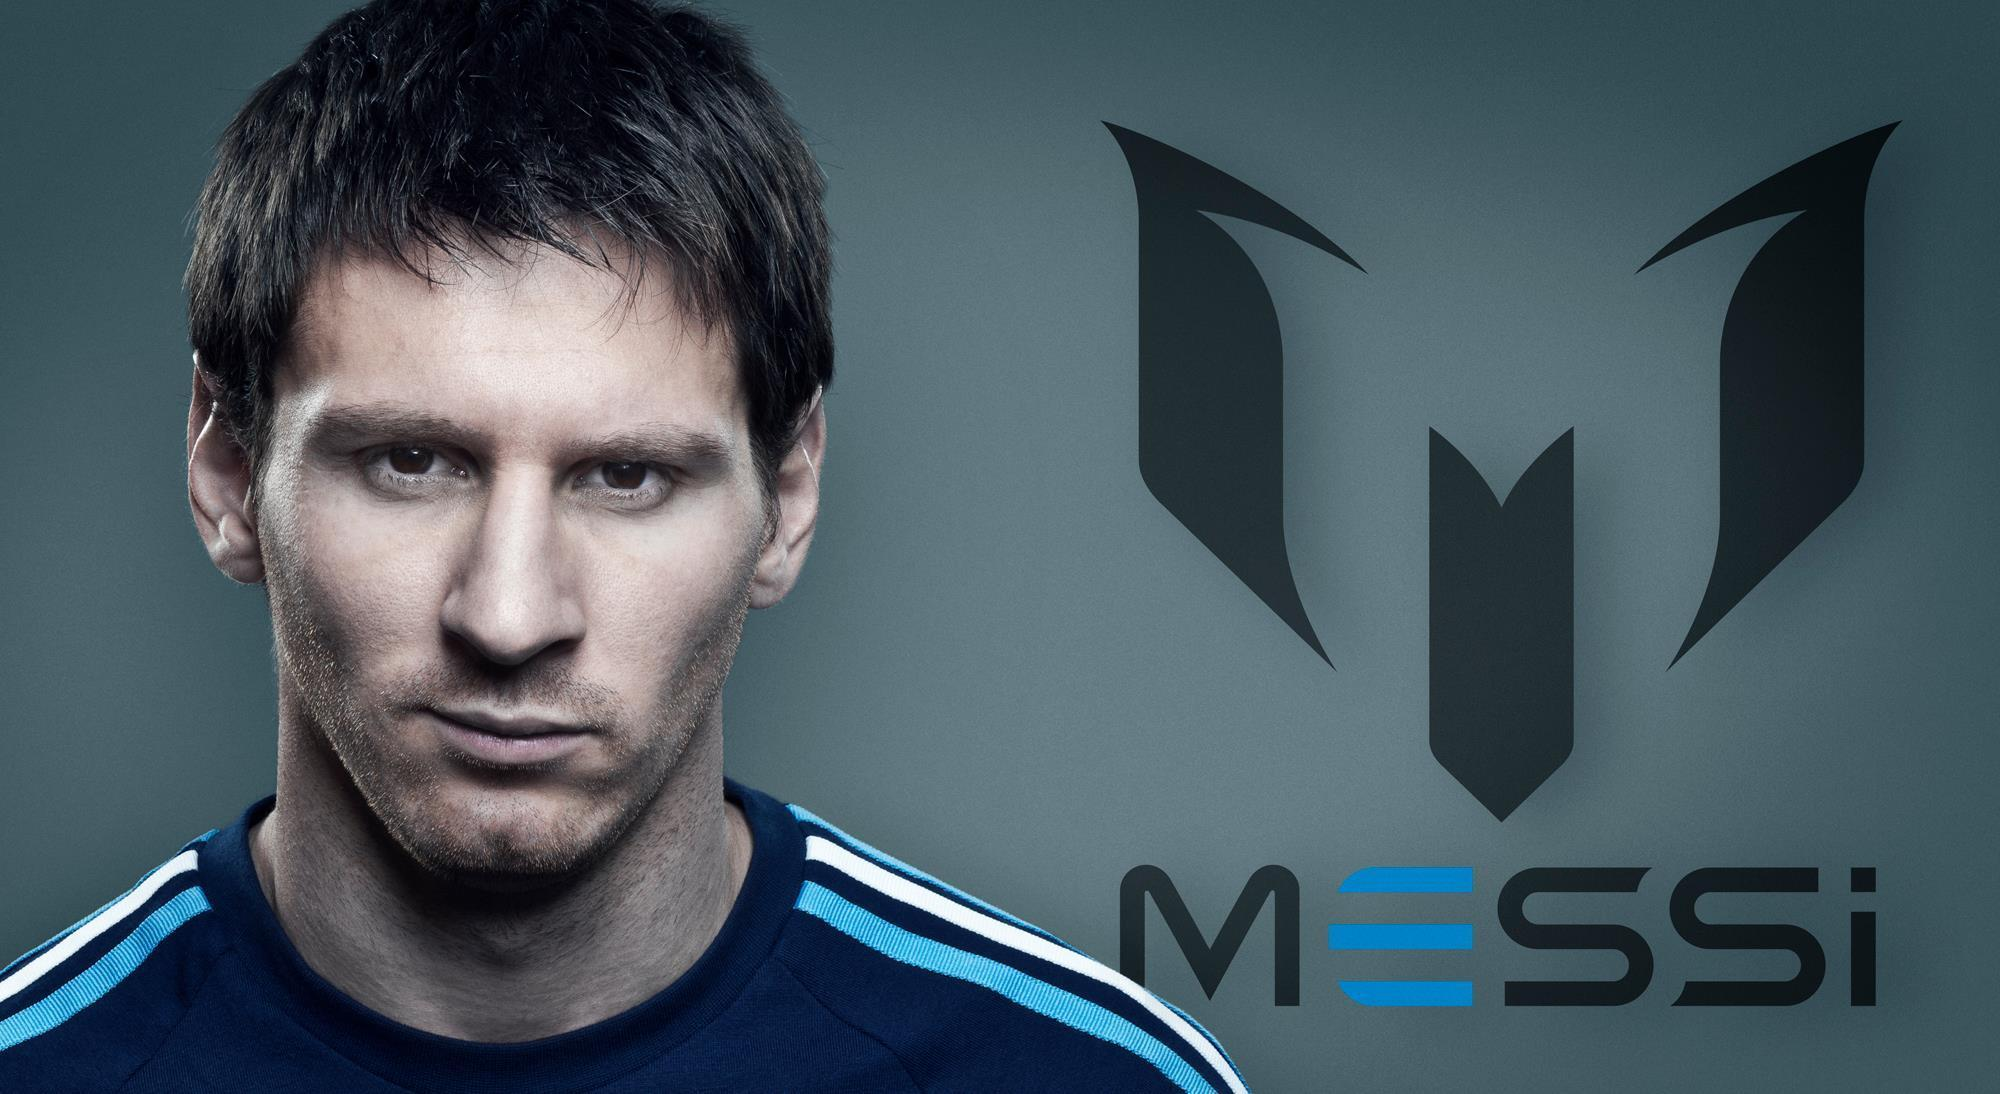 Lionel Messi Wallpaper 2014 - HD Res - Football Wallpaper HD ...